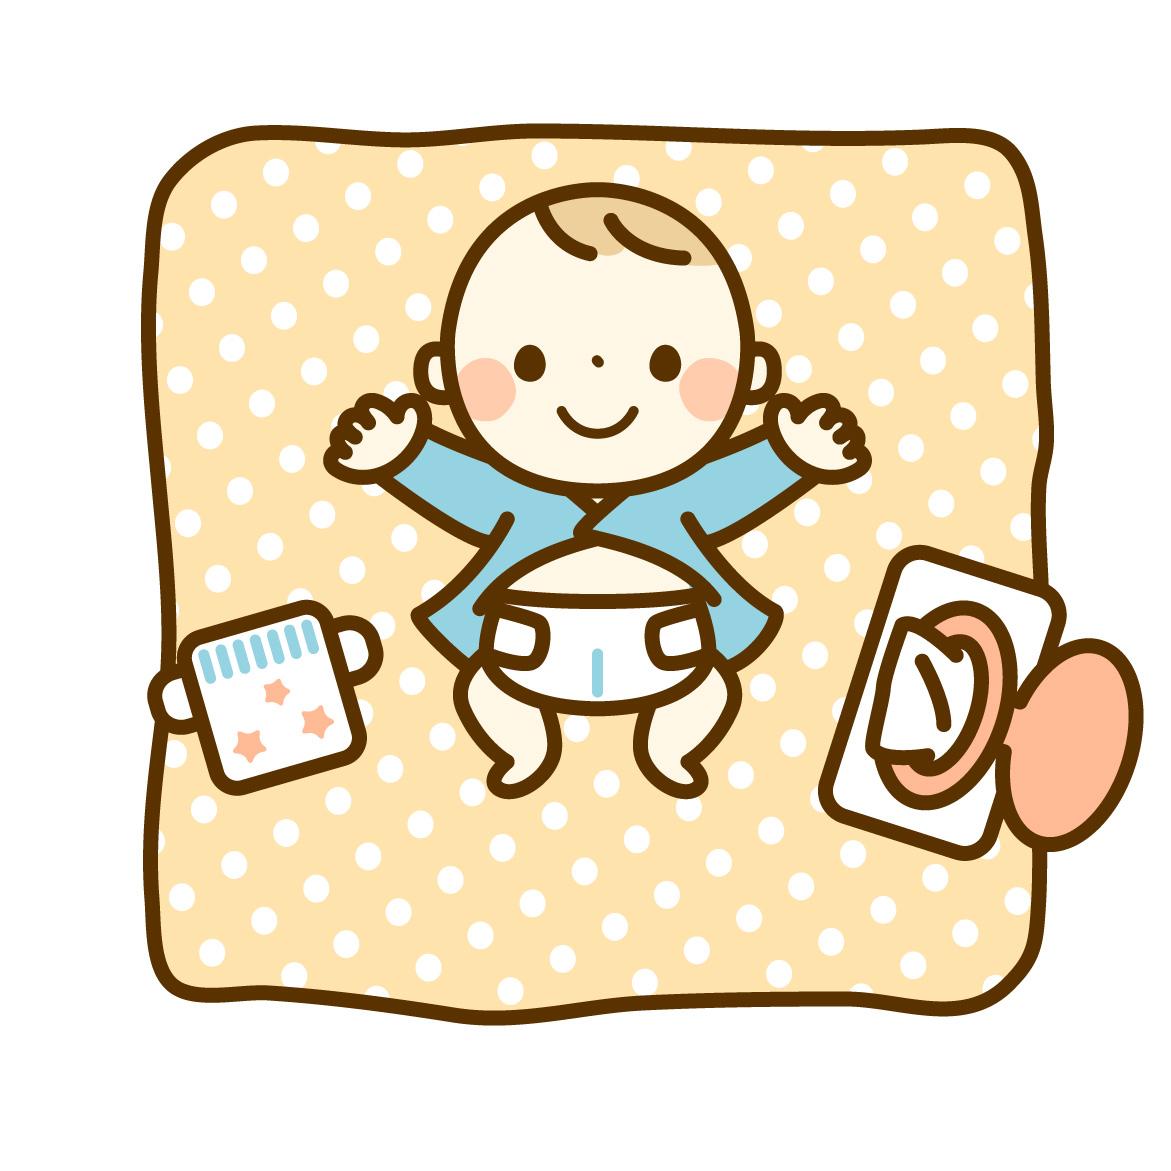 オツム替えをする前の赤ちゃんとお尻拭きとオムツのイラスト